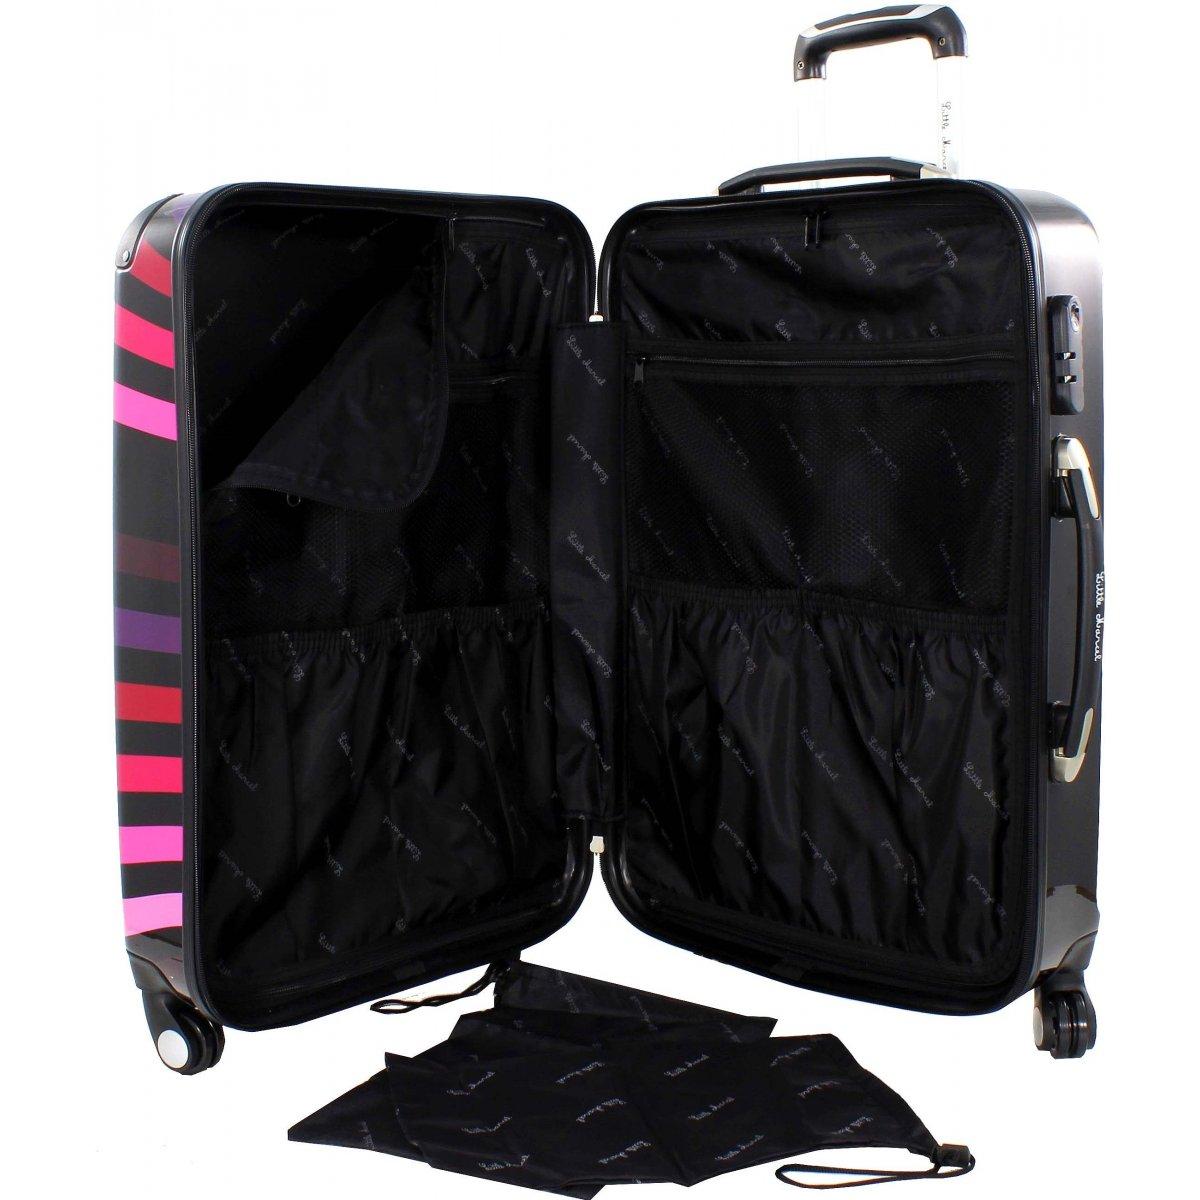 lot 3 valises 1 vanity little marcel marne50 couleur principale marne50 promotion. Black Bedroom Furniture Sets. Home Design Ideas